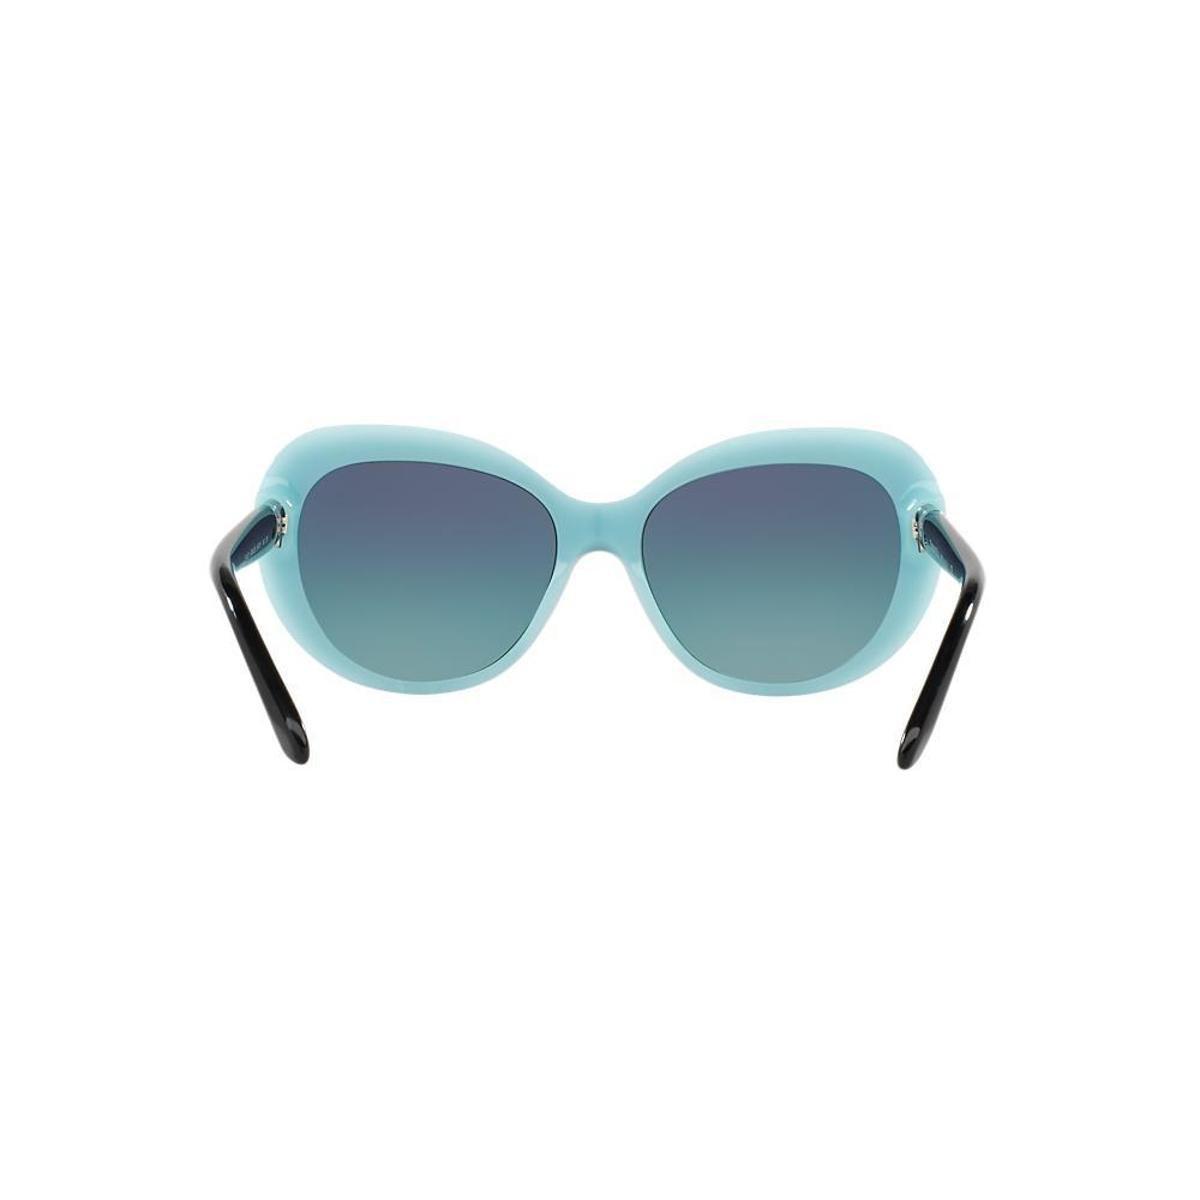 Irregular TF4122 Feminino  Óculos de Sol Tiffany   Co. Irregular TF4122  Feminino ... 44f7ab76e5